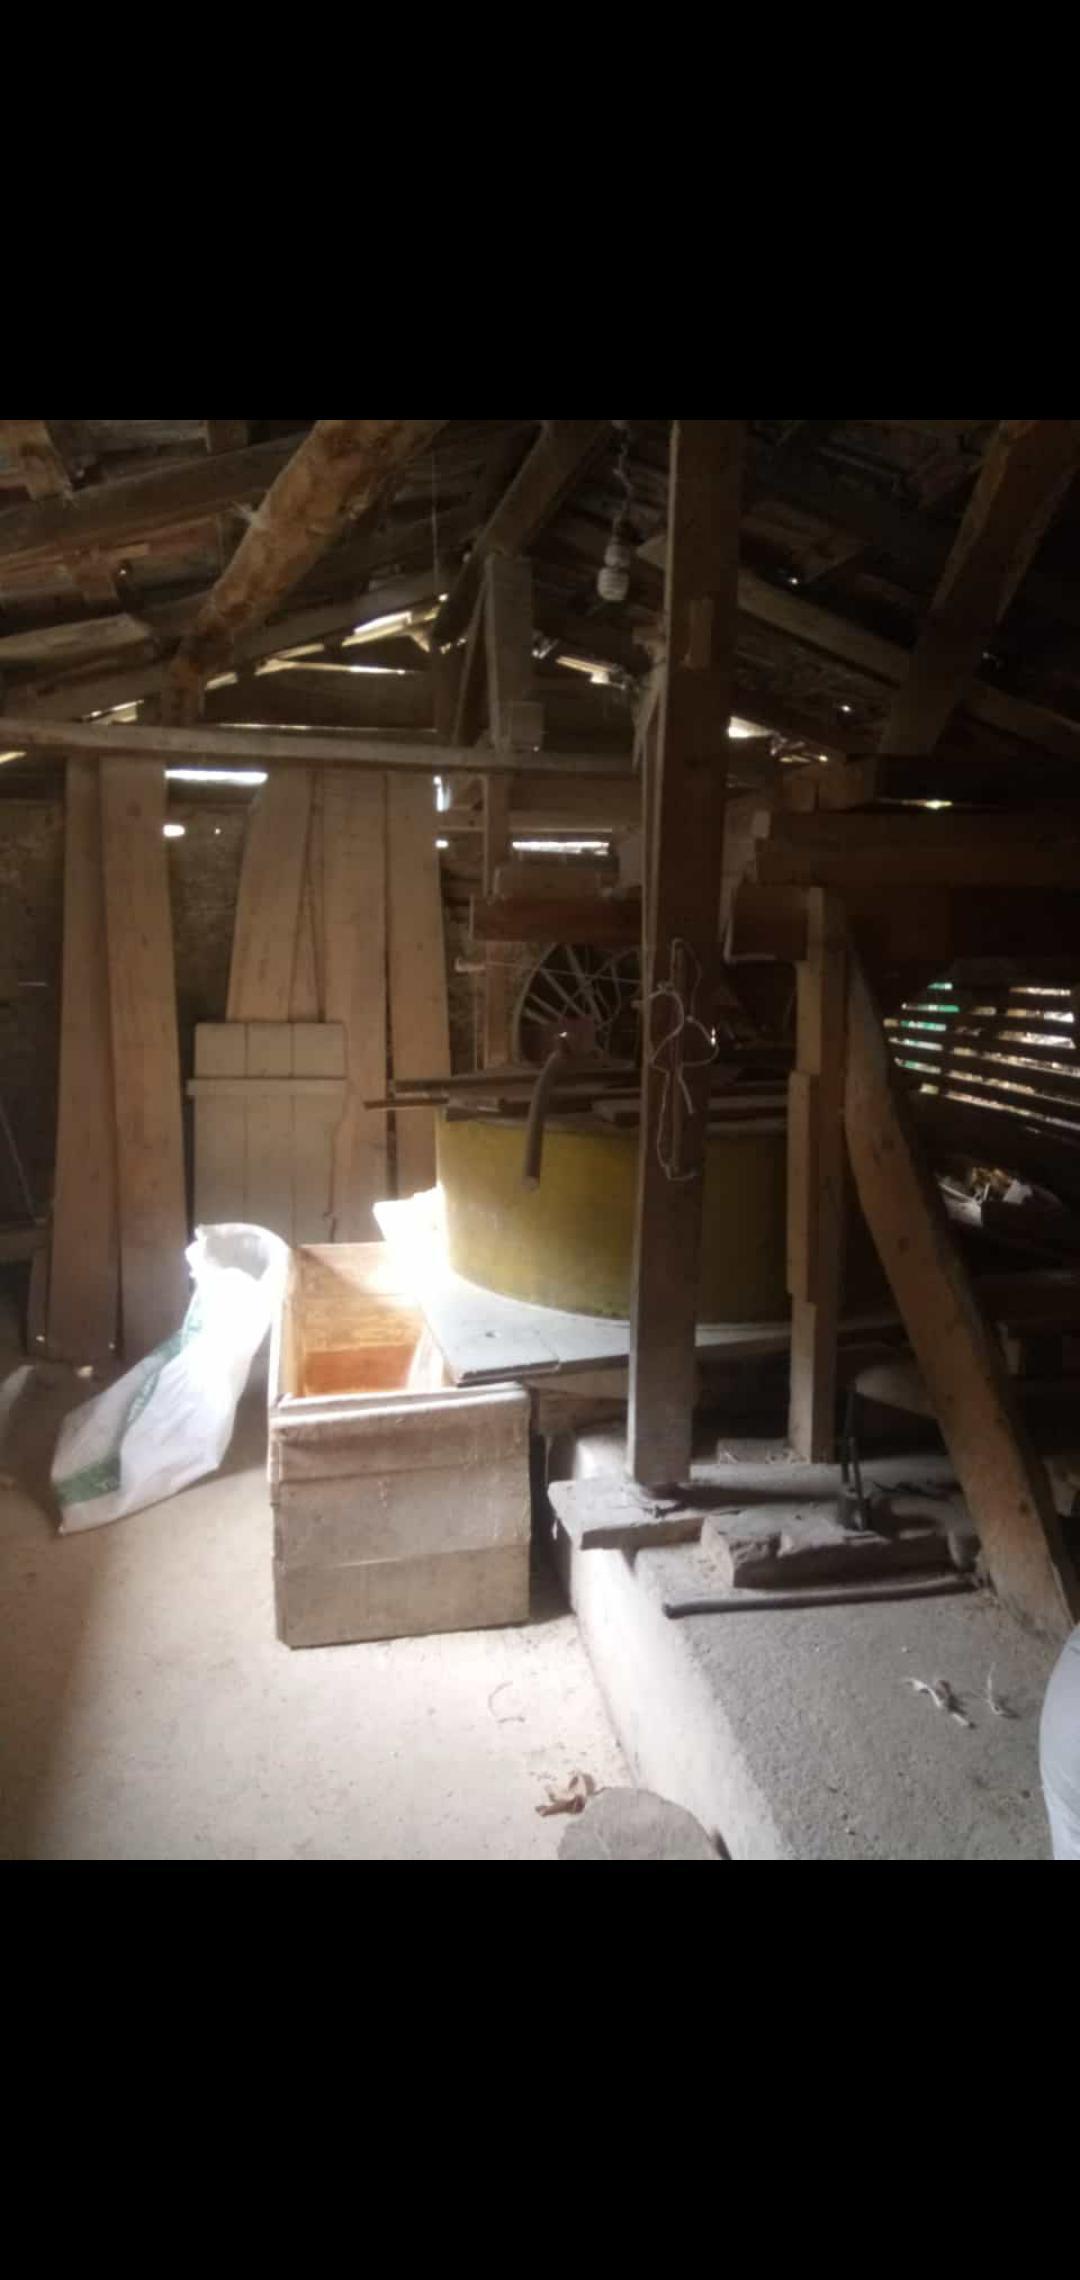 Buğday Unu - Üretici Furkan . 12 tl fiyat ile 1 kilogram buğday unu  satmak istiyor